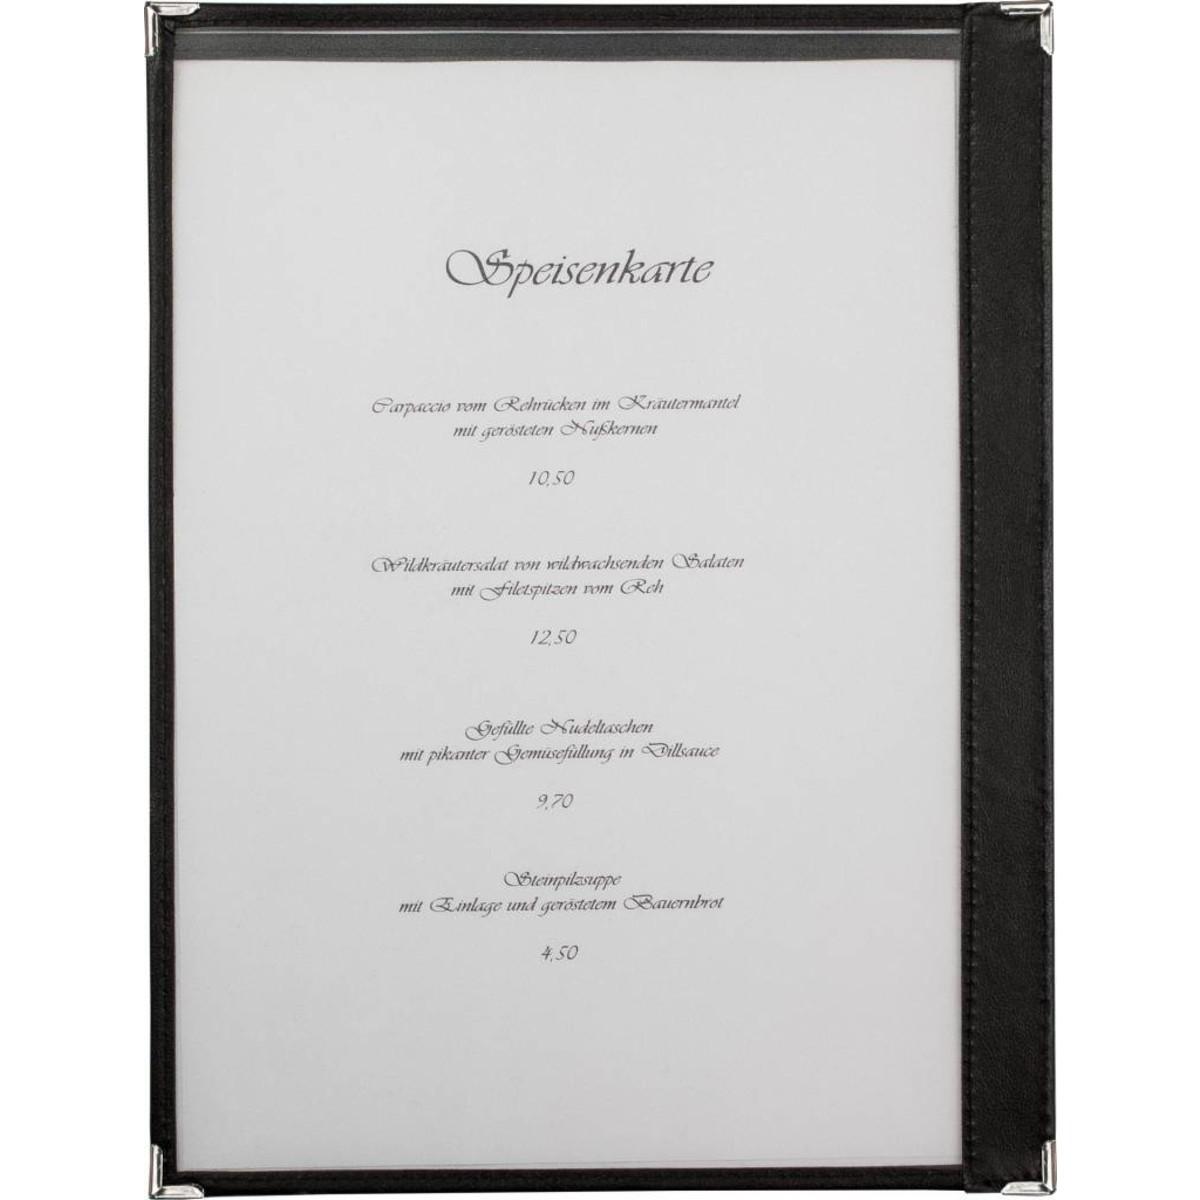 Amerik. Speisenkarte A4 mit 2 Fenster  schwarz, Ecken silber